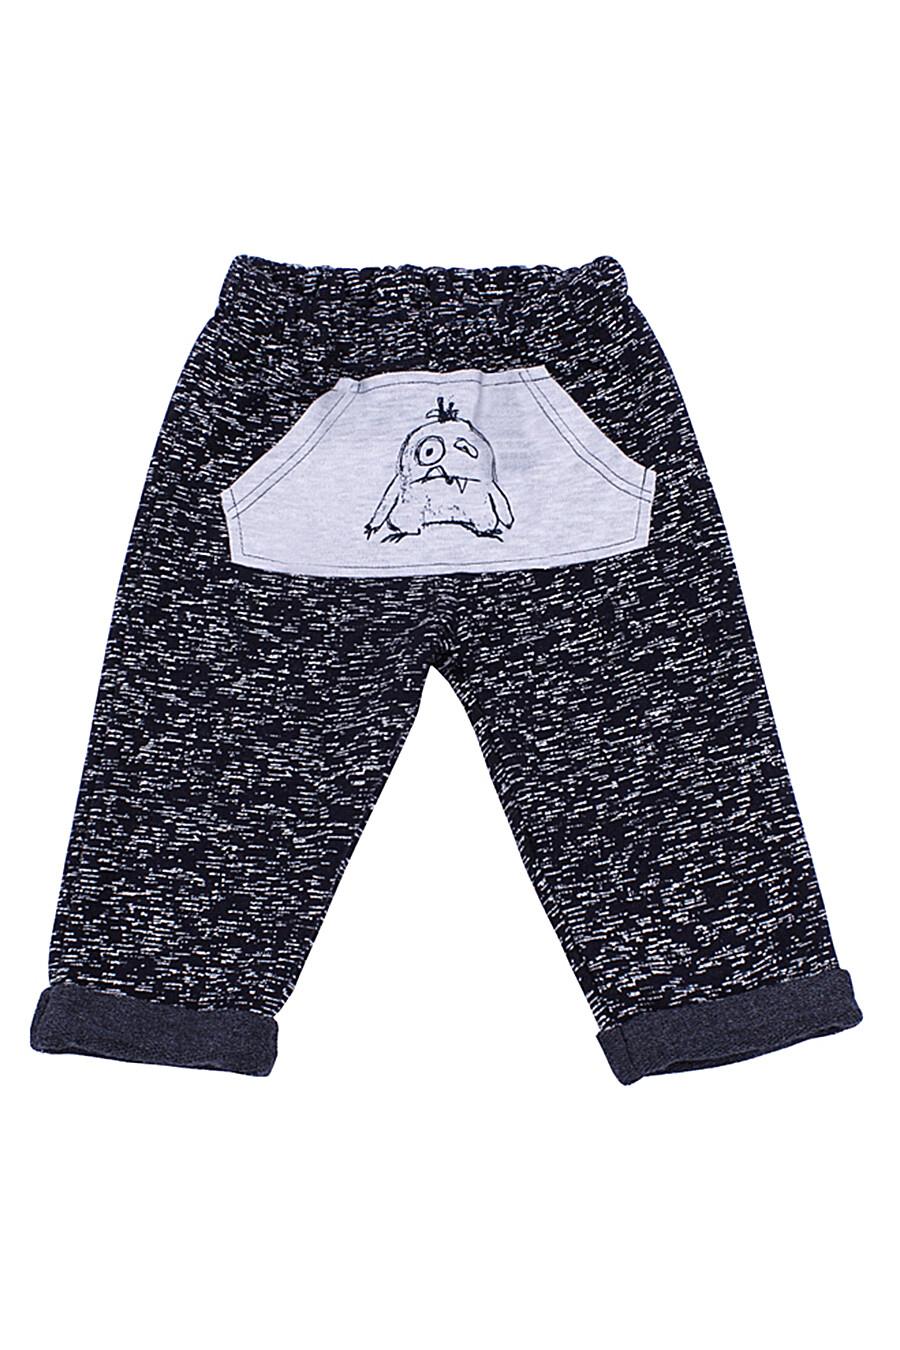 Брюки для мальчиков АПРЕЛЬ 700256 купить оптом от производителя. Совместная покупка детской одежды в OptMoyo